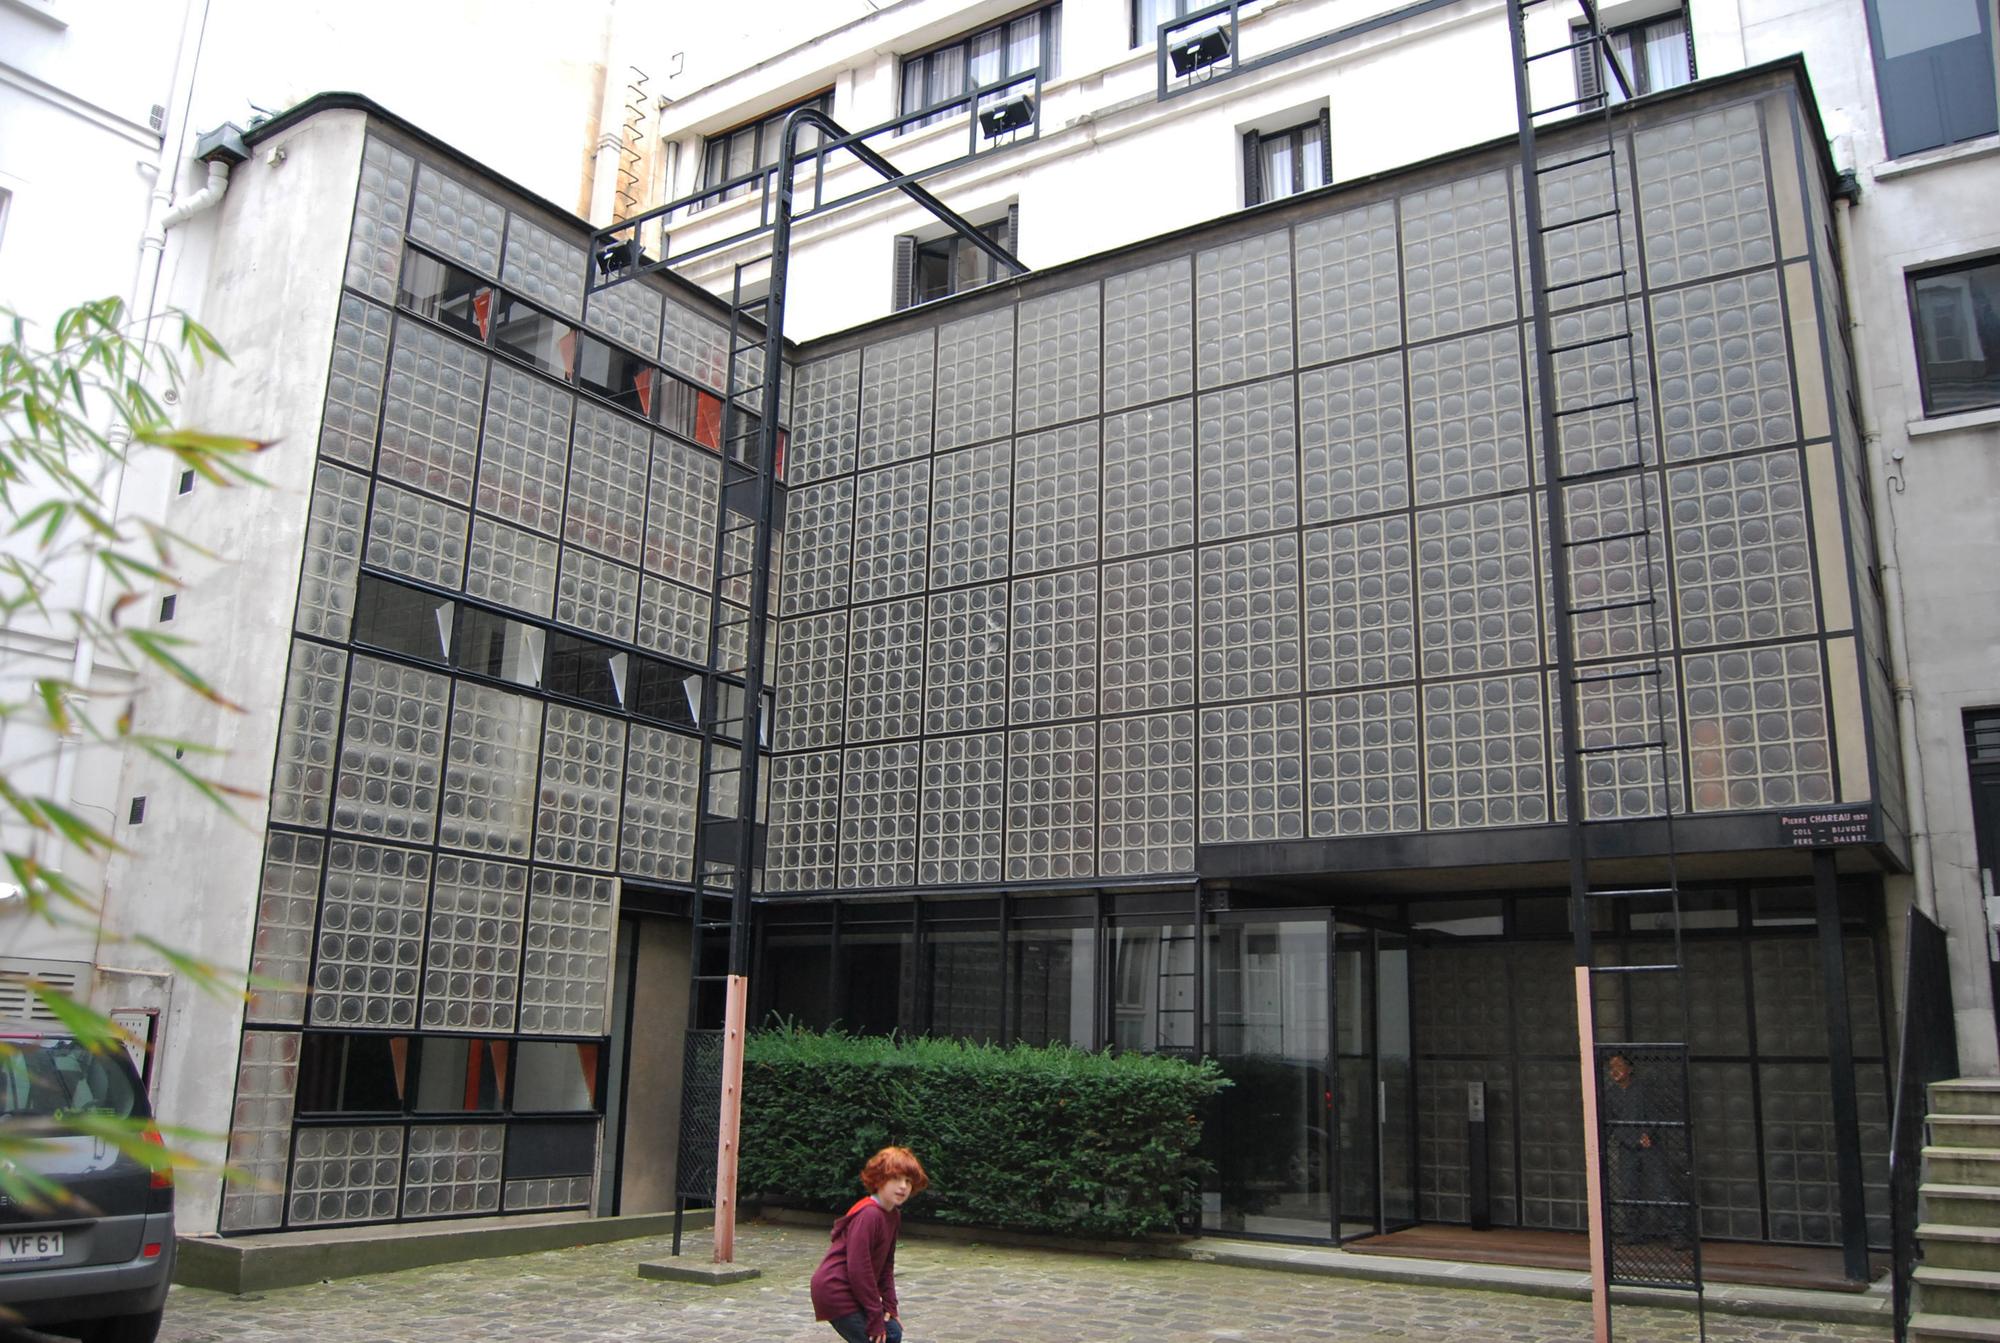 Gallery of ad classics maison de verre pierre chareau - Maison de verre paris visite ...